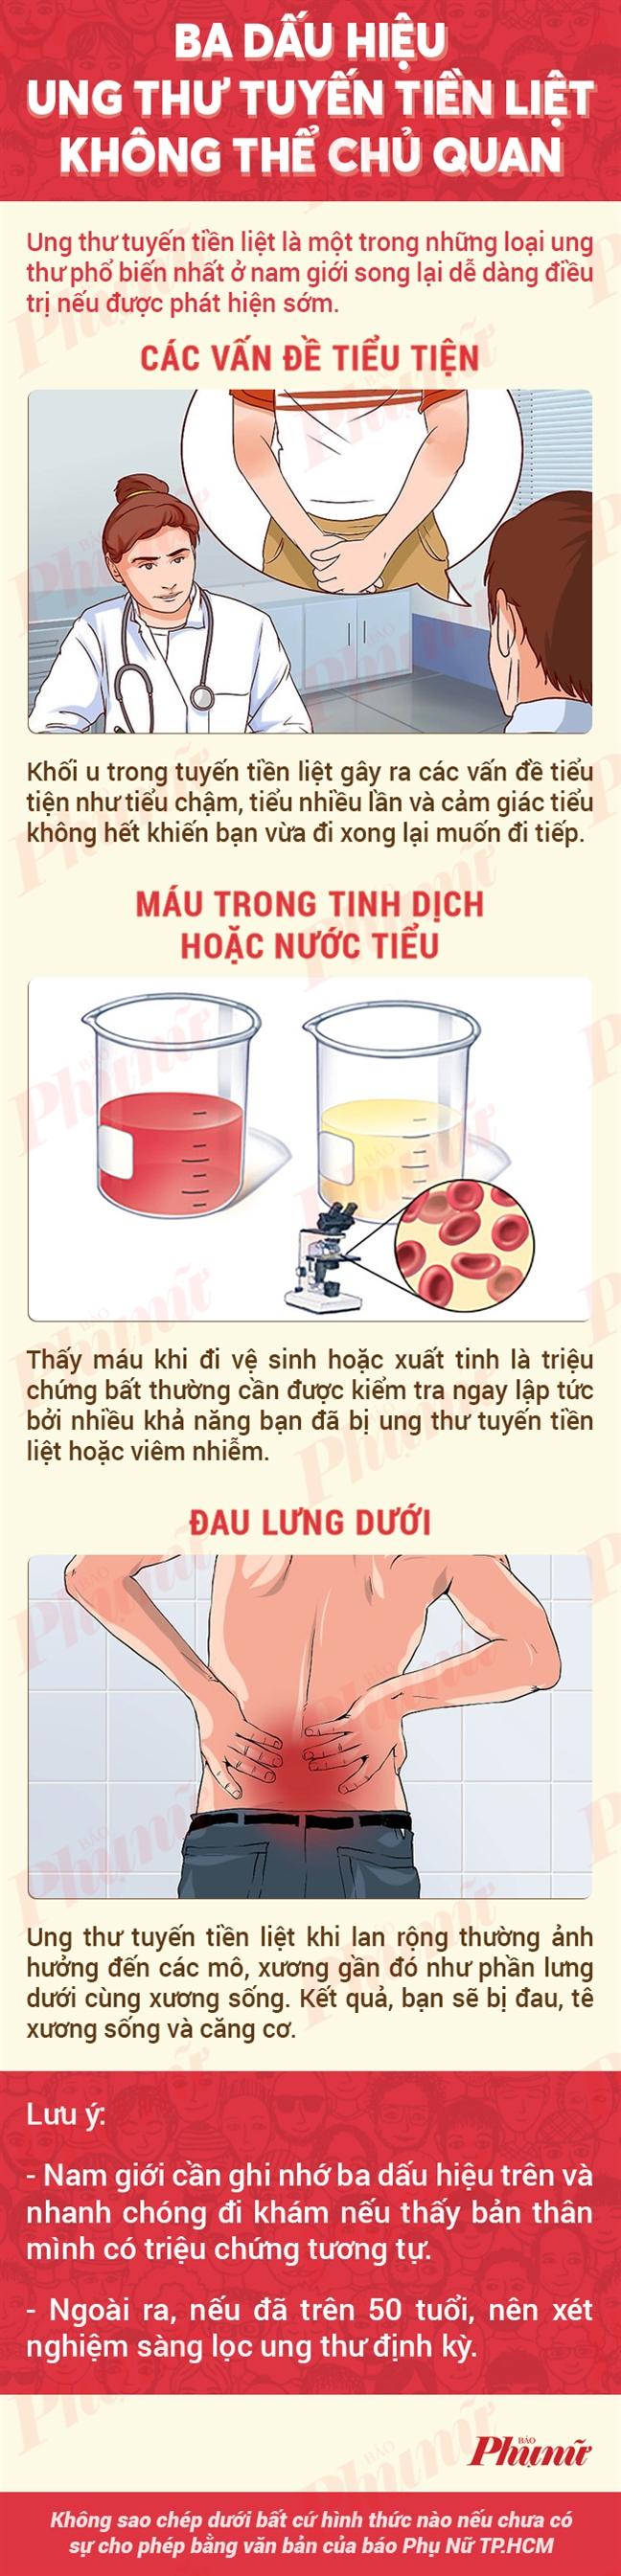 3 dau hieu ung thu tuyen tien liet khong the chu quan